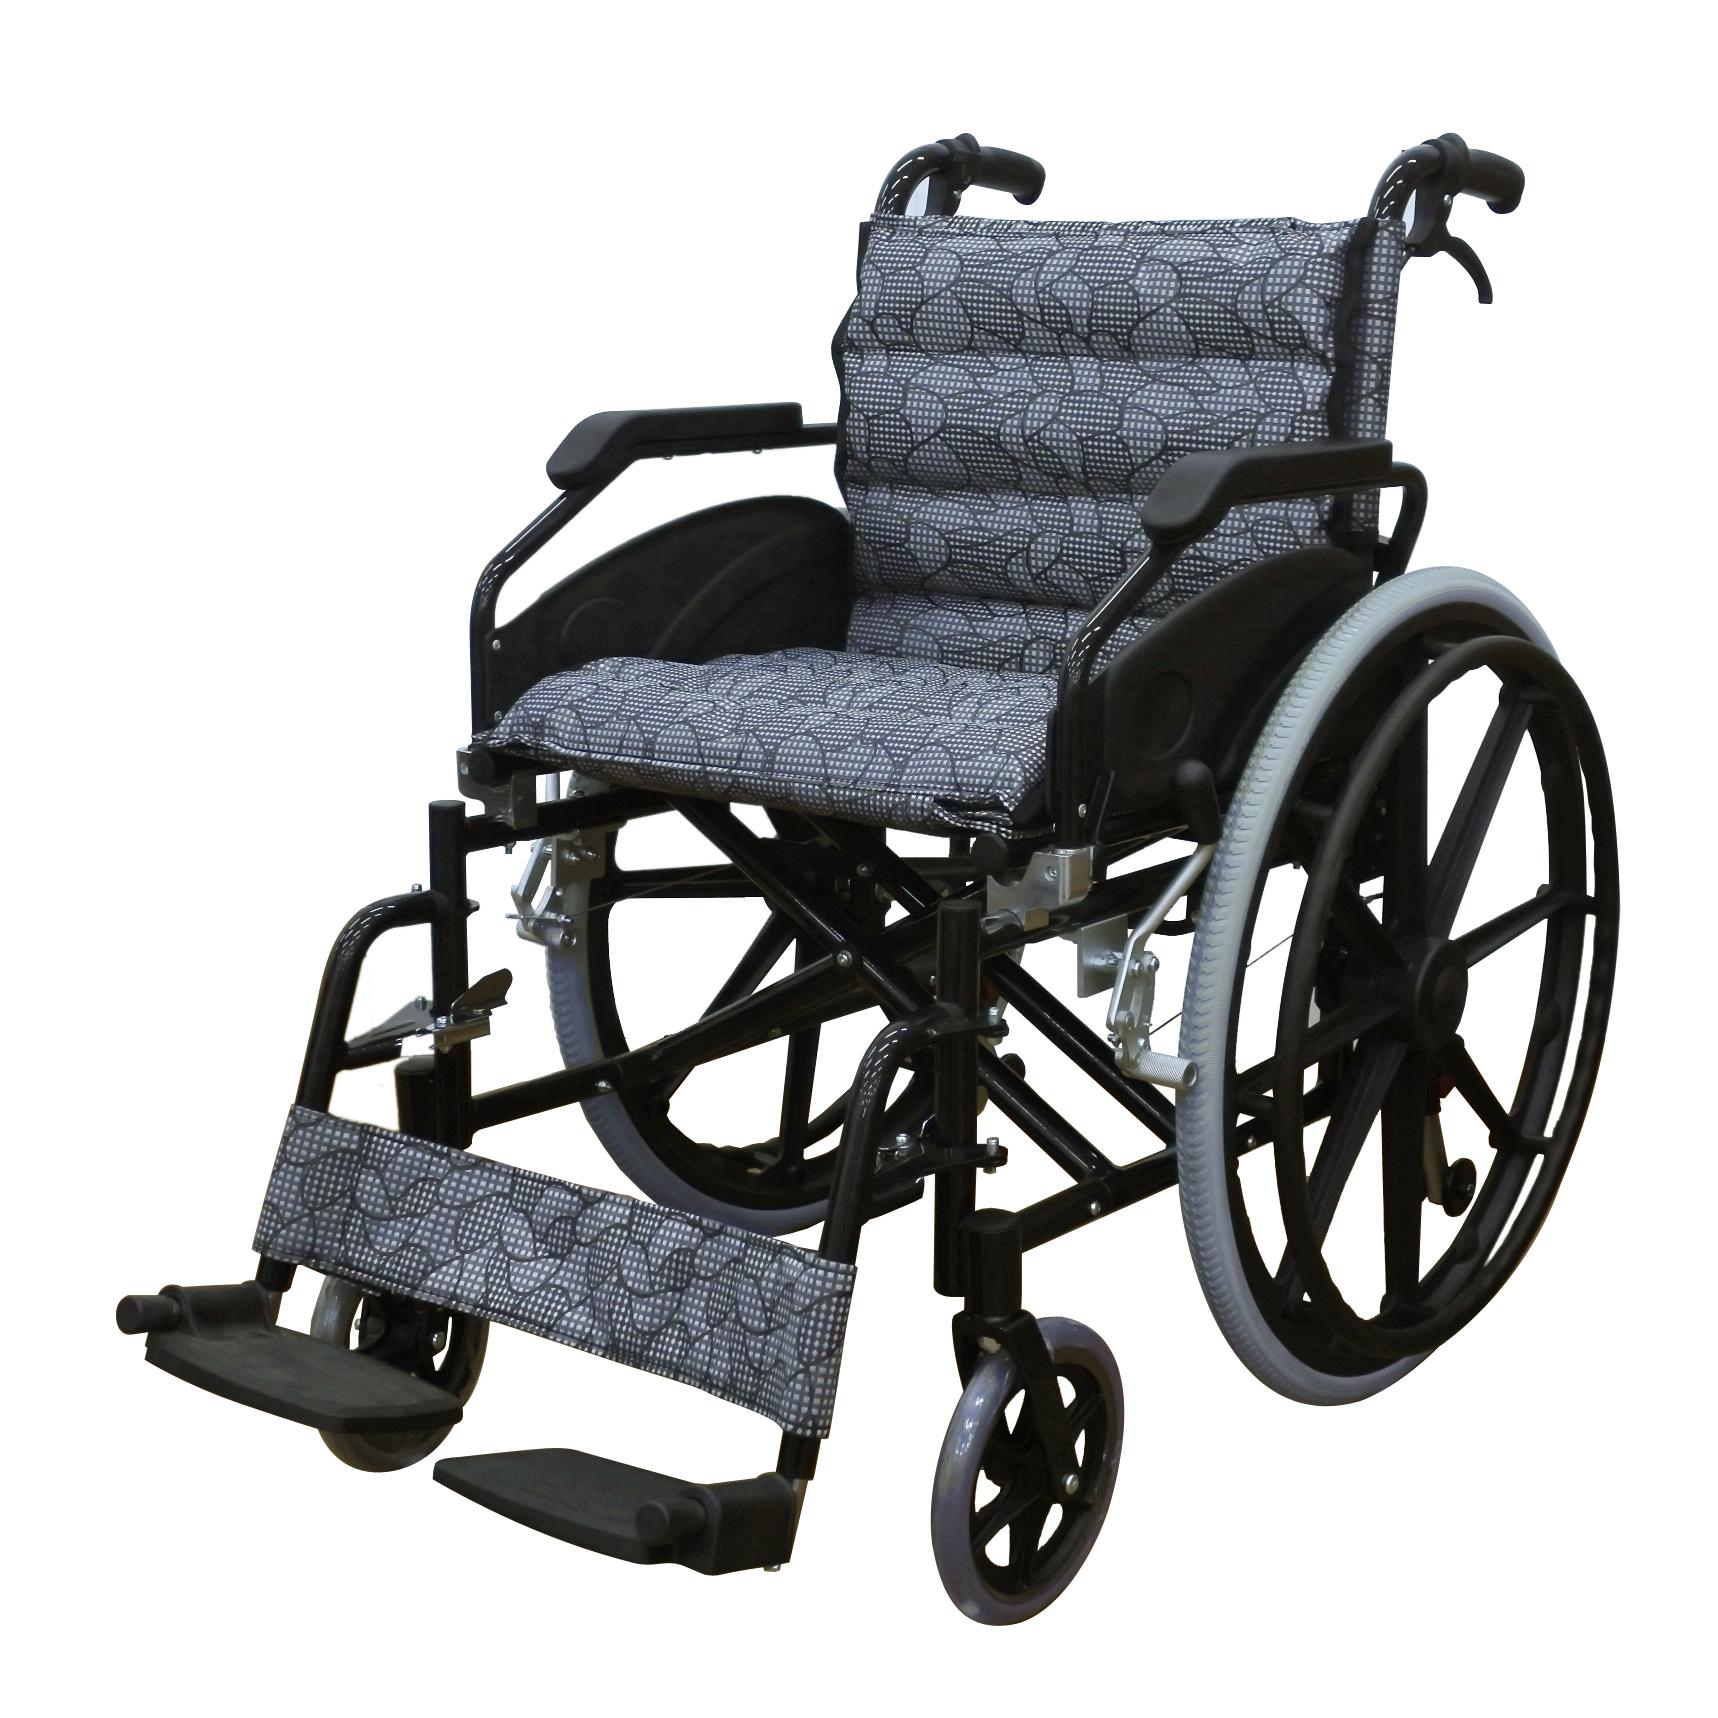 wheelchair ALK953L-46